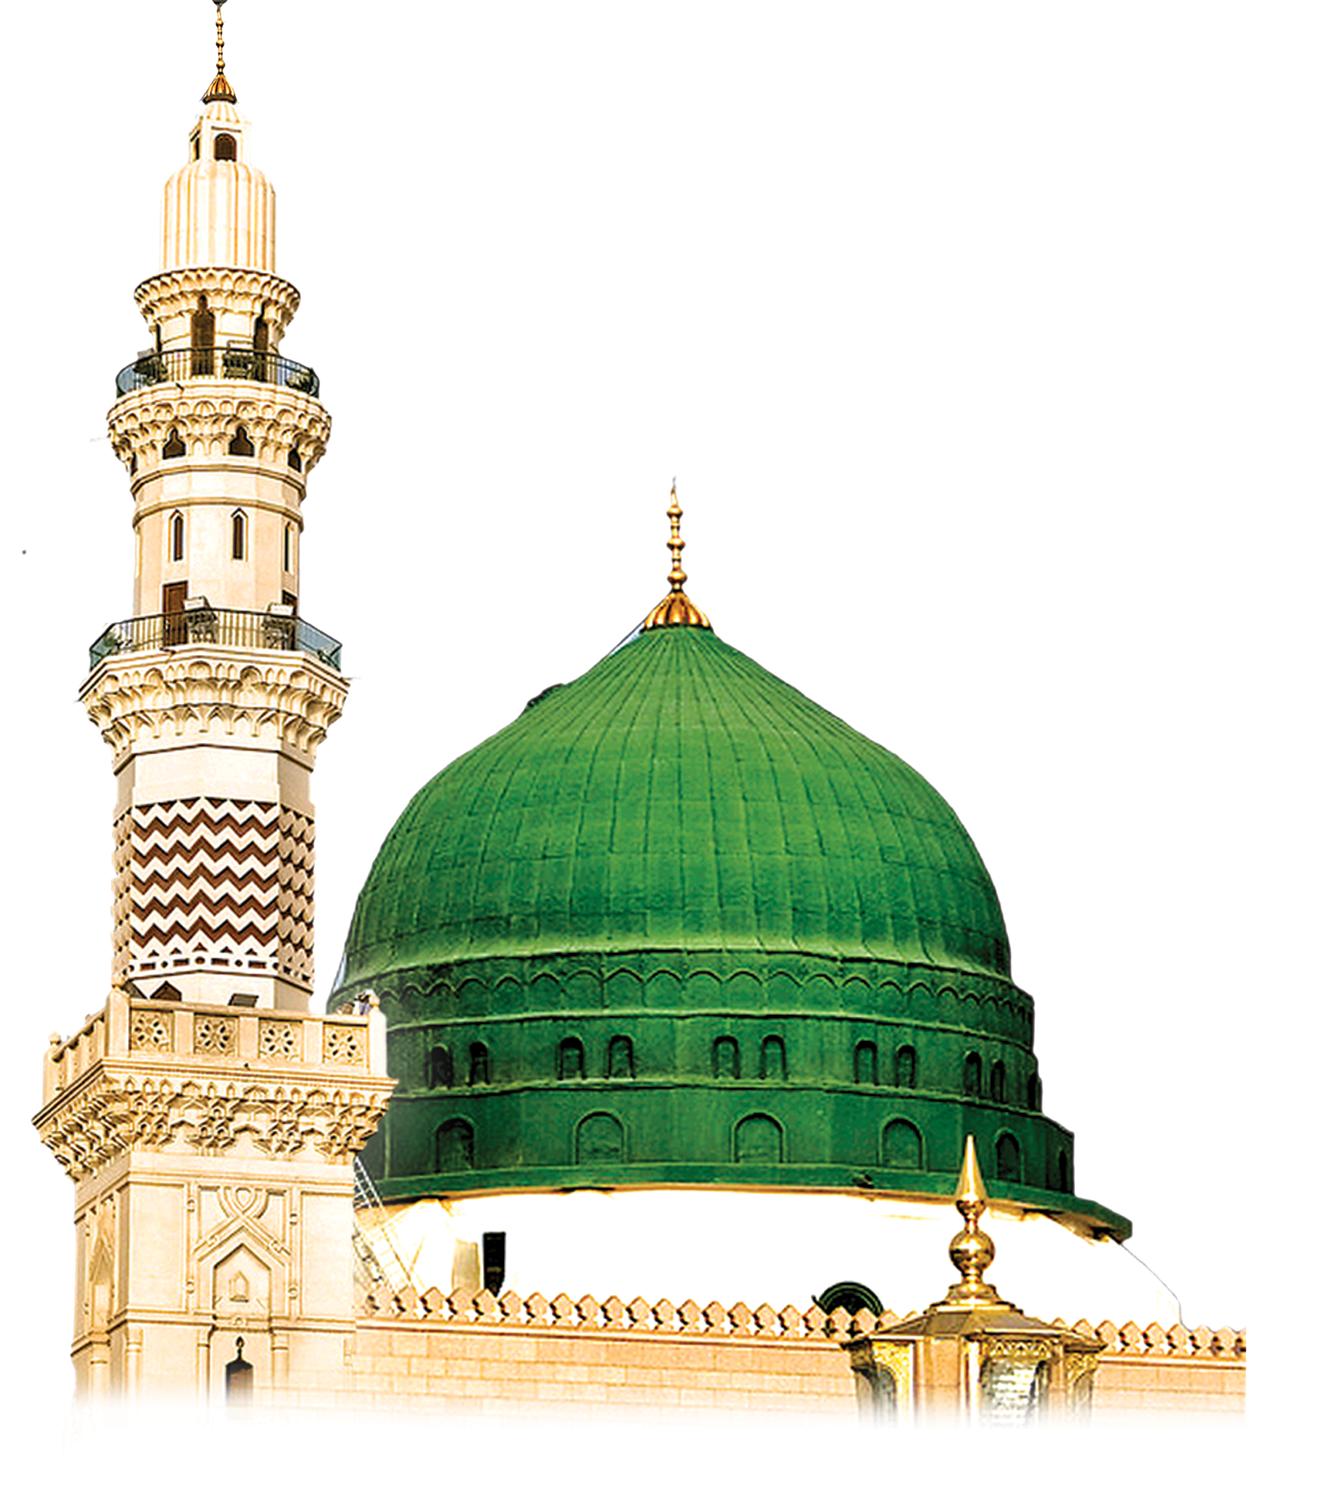 Masjid e nabvi clipart.